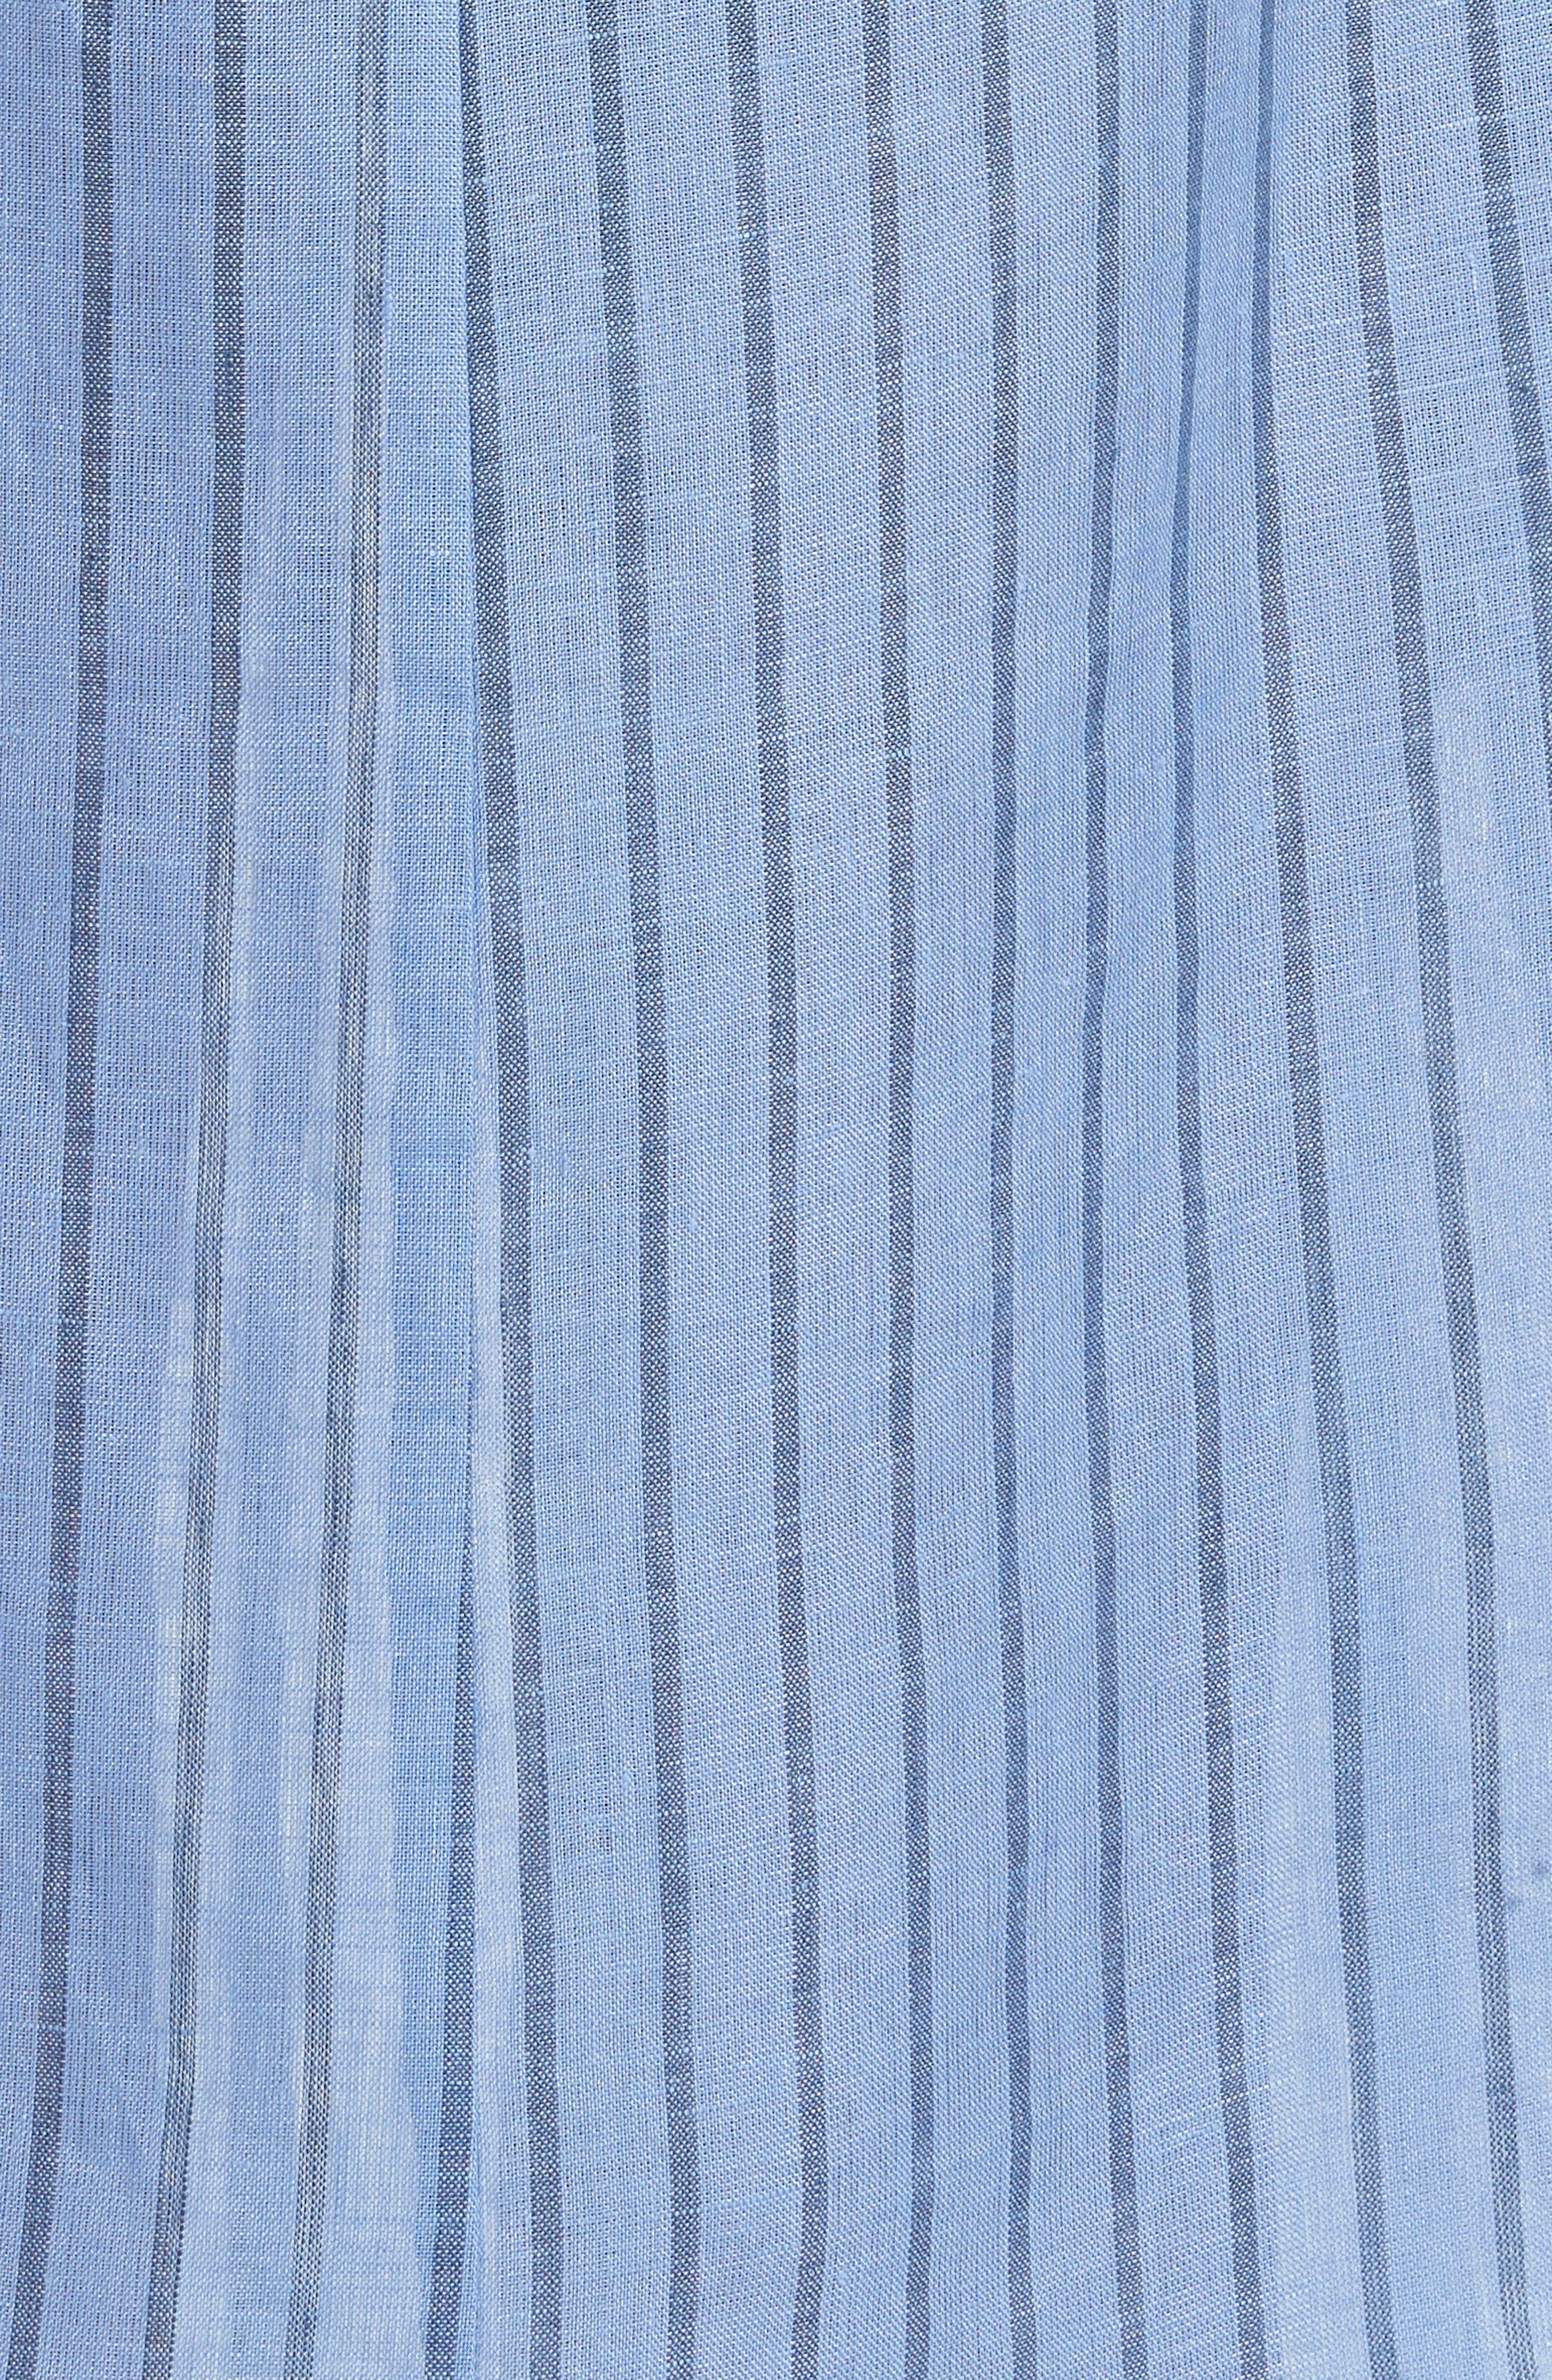 Oriska Stripe Linen Slipdress,                             Alternate thumbnail 5, color,                             400